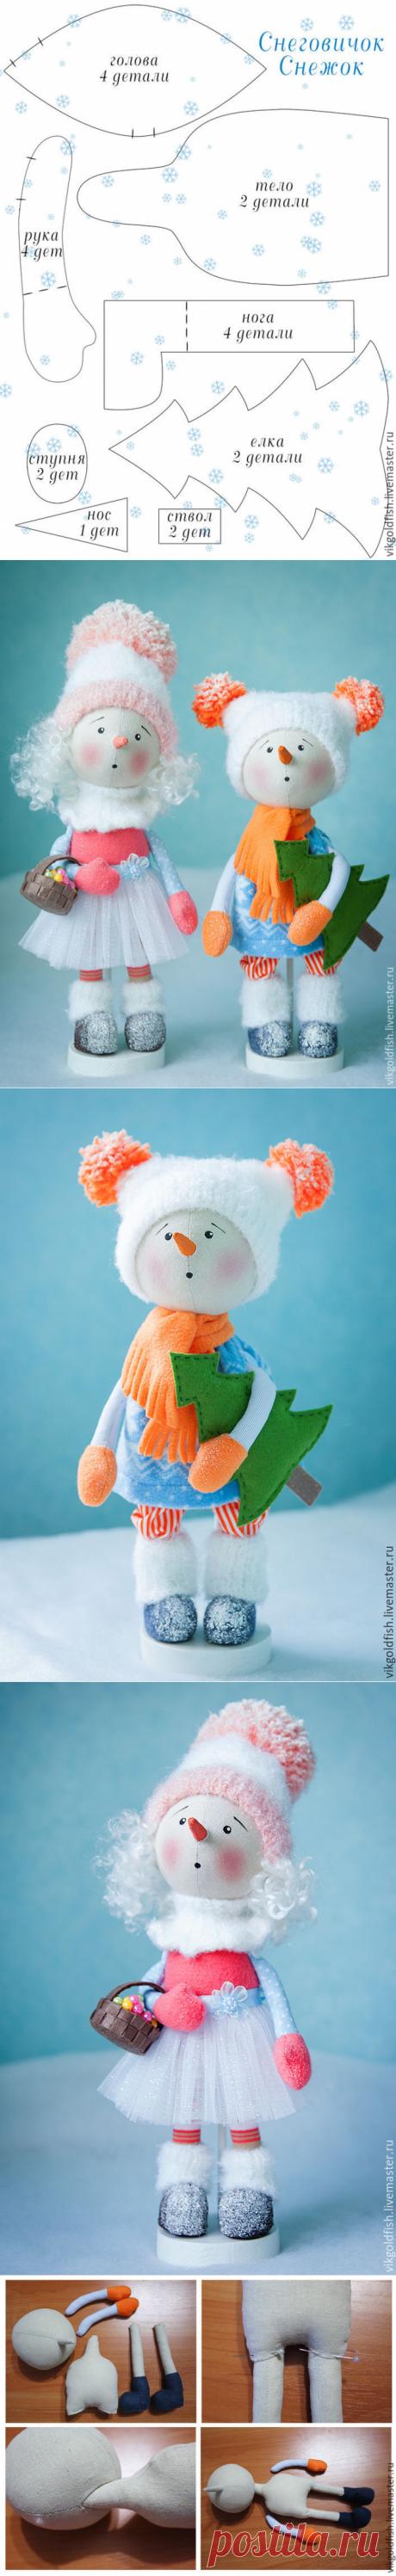 Мастер-класс: снеговичок Снежок своими руками – мастер-класс для начинающих и профессионалов